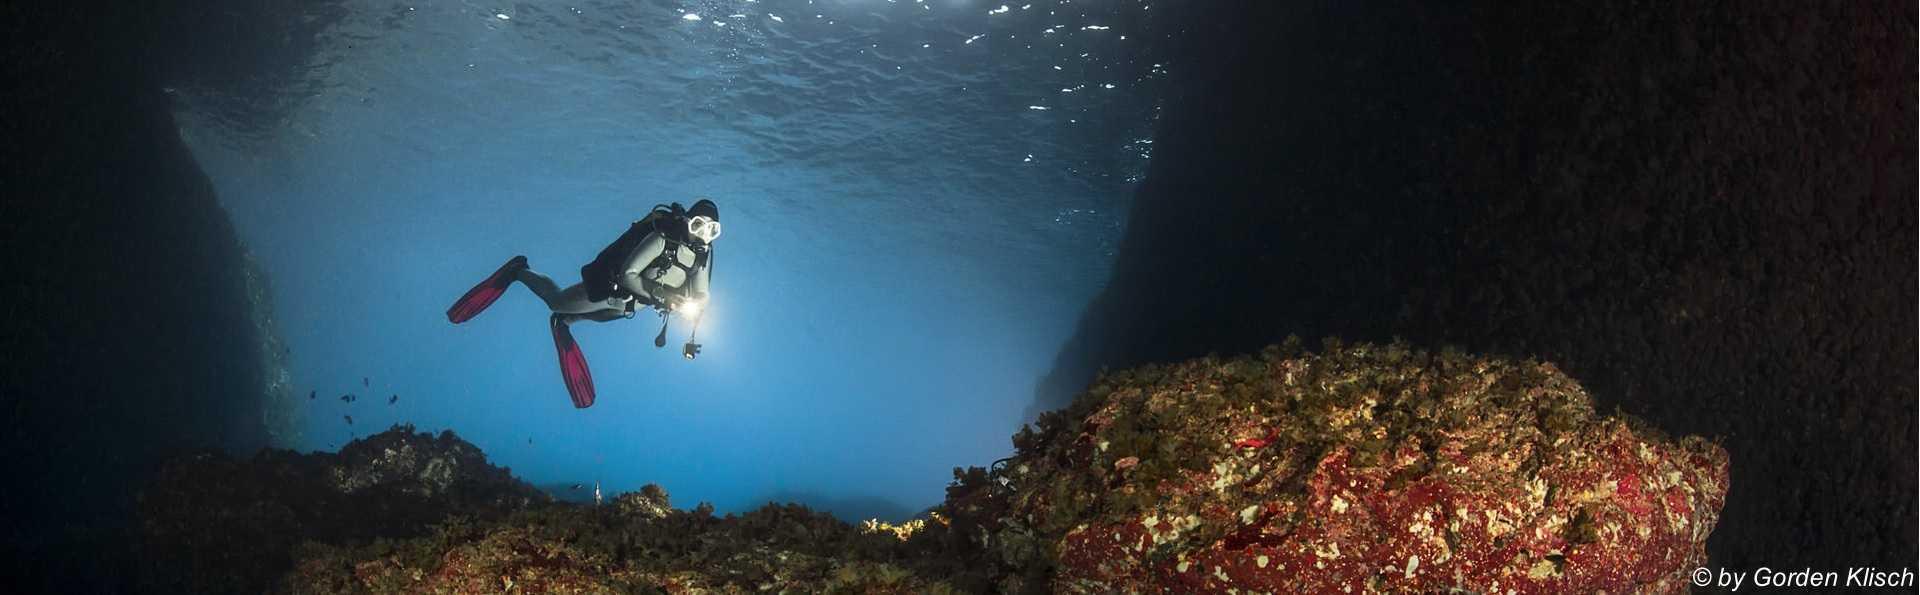 Cave St. Maria Gorden Klisch Dive Vision Malta